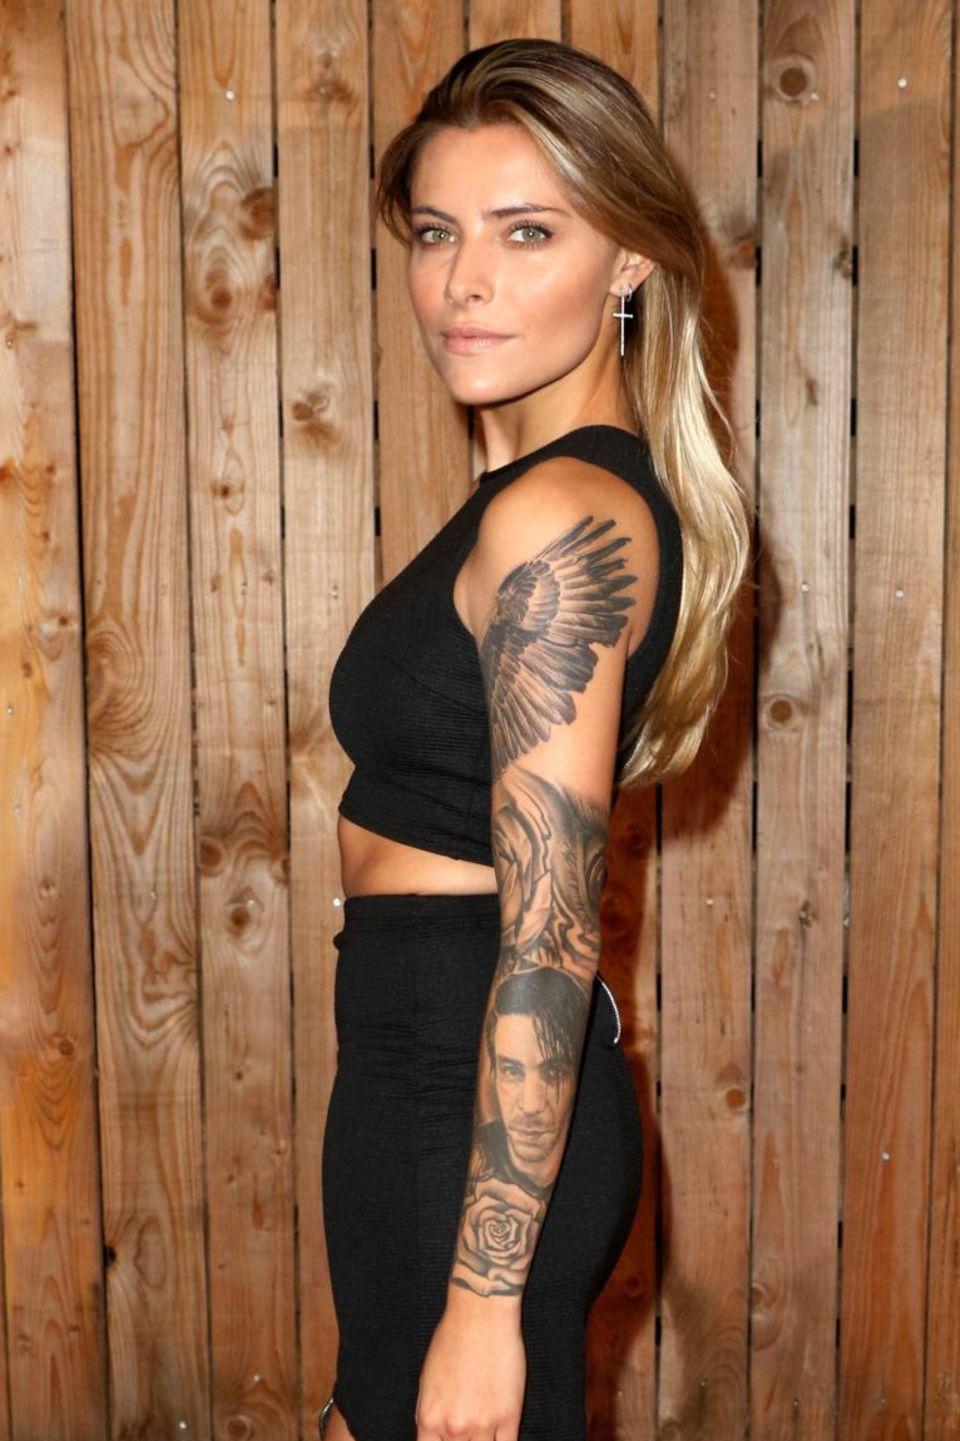 Man ahnt bereits ein Tattoo-Konzept an Sophia Thomallas Arm. Es sieht schon sehr gut aus, aber sicher werden die noch freien Flächen auch bald ausgefüllt werden.